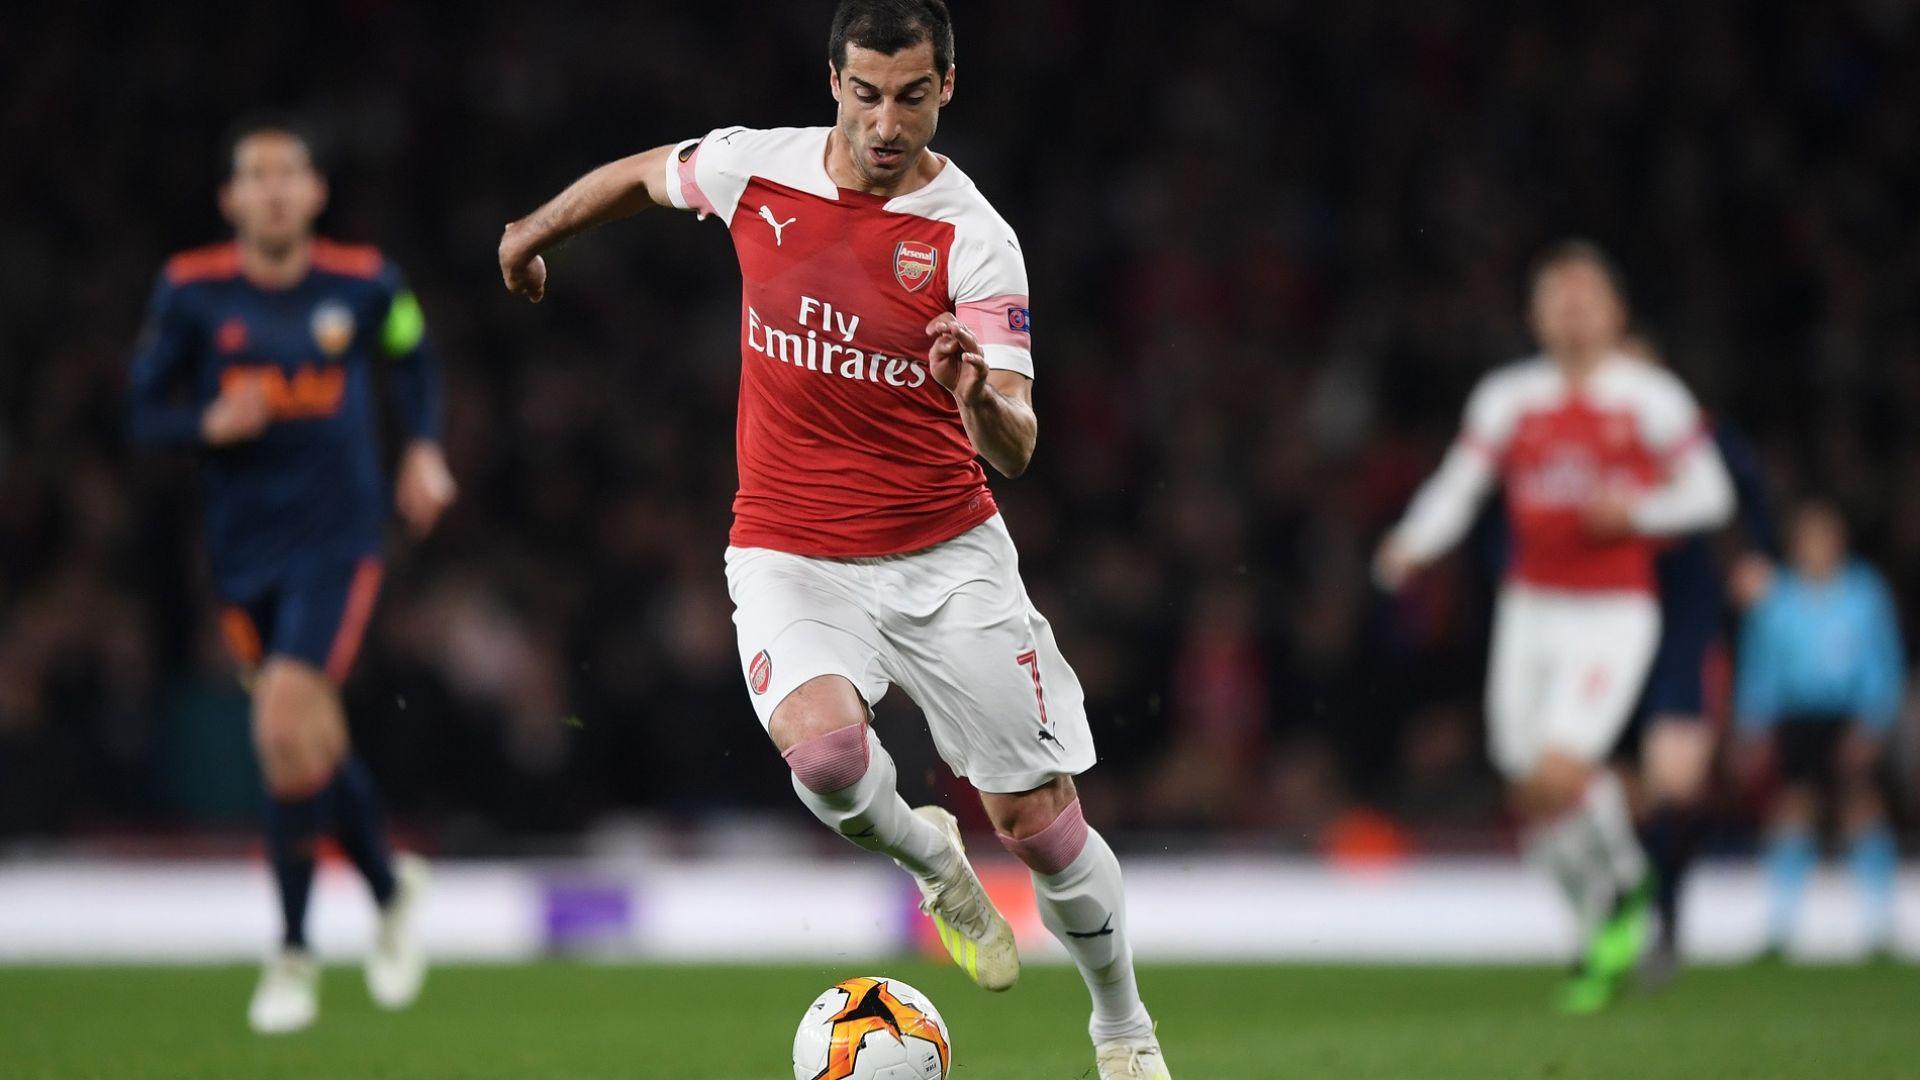 Арсенал реши да не рискува с арменеца Мхитарян в Баку